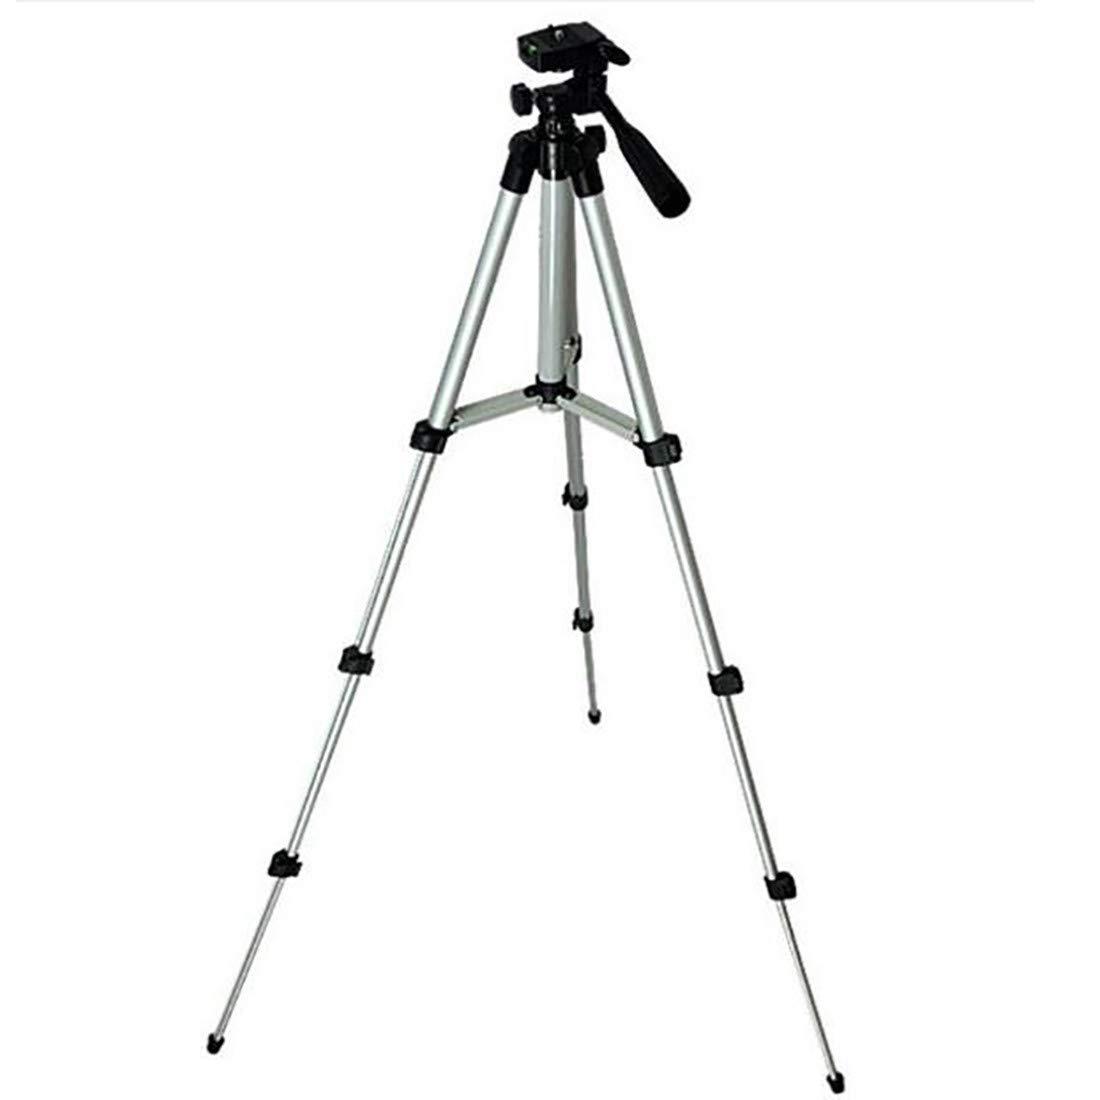 4セクションアルミ三脚 調節可能なスタンド 単眼鏡 双眼鏡 携帯スタンド モバイル望遠鏡 マイクロシングル三脚用   B07MW1TZZP